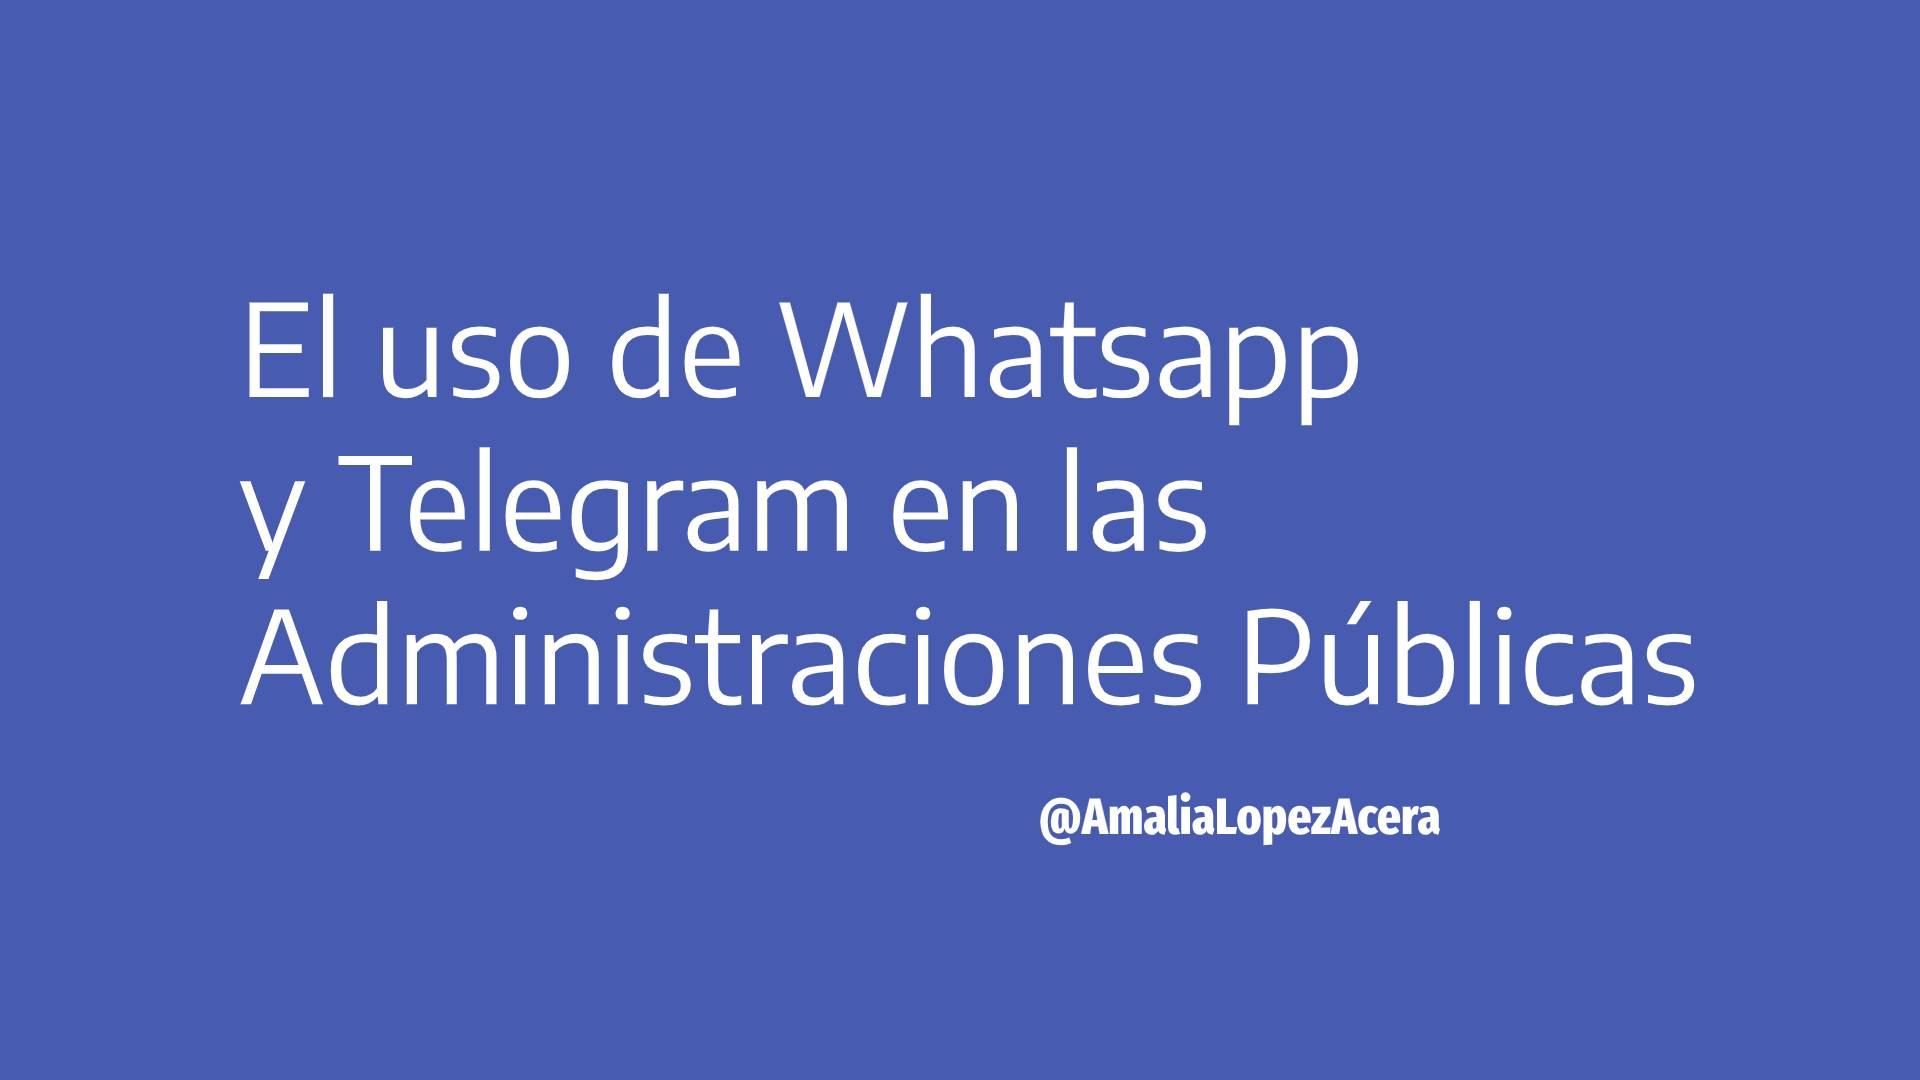 el uso de whatsapp y telegram en las administraciones públicas